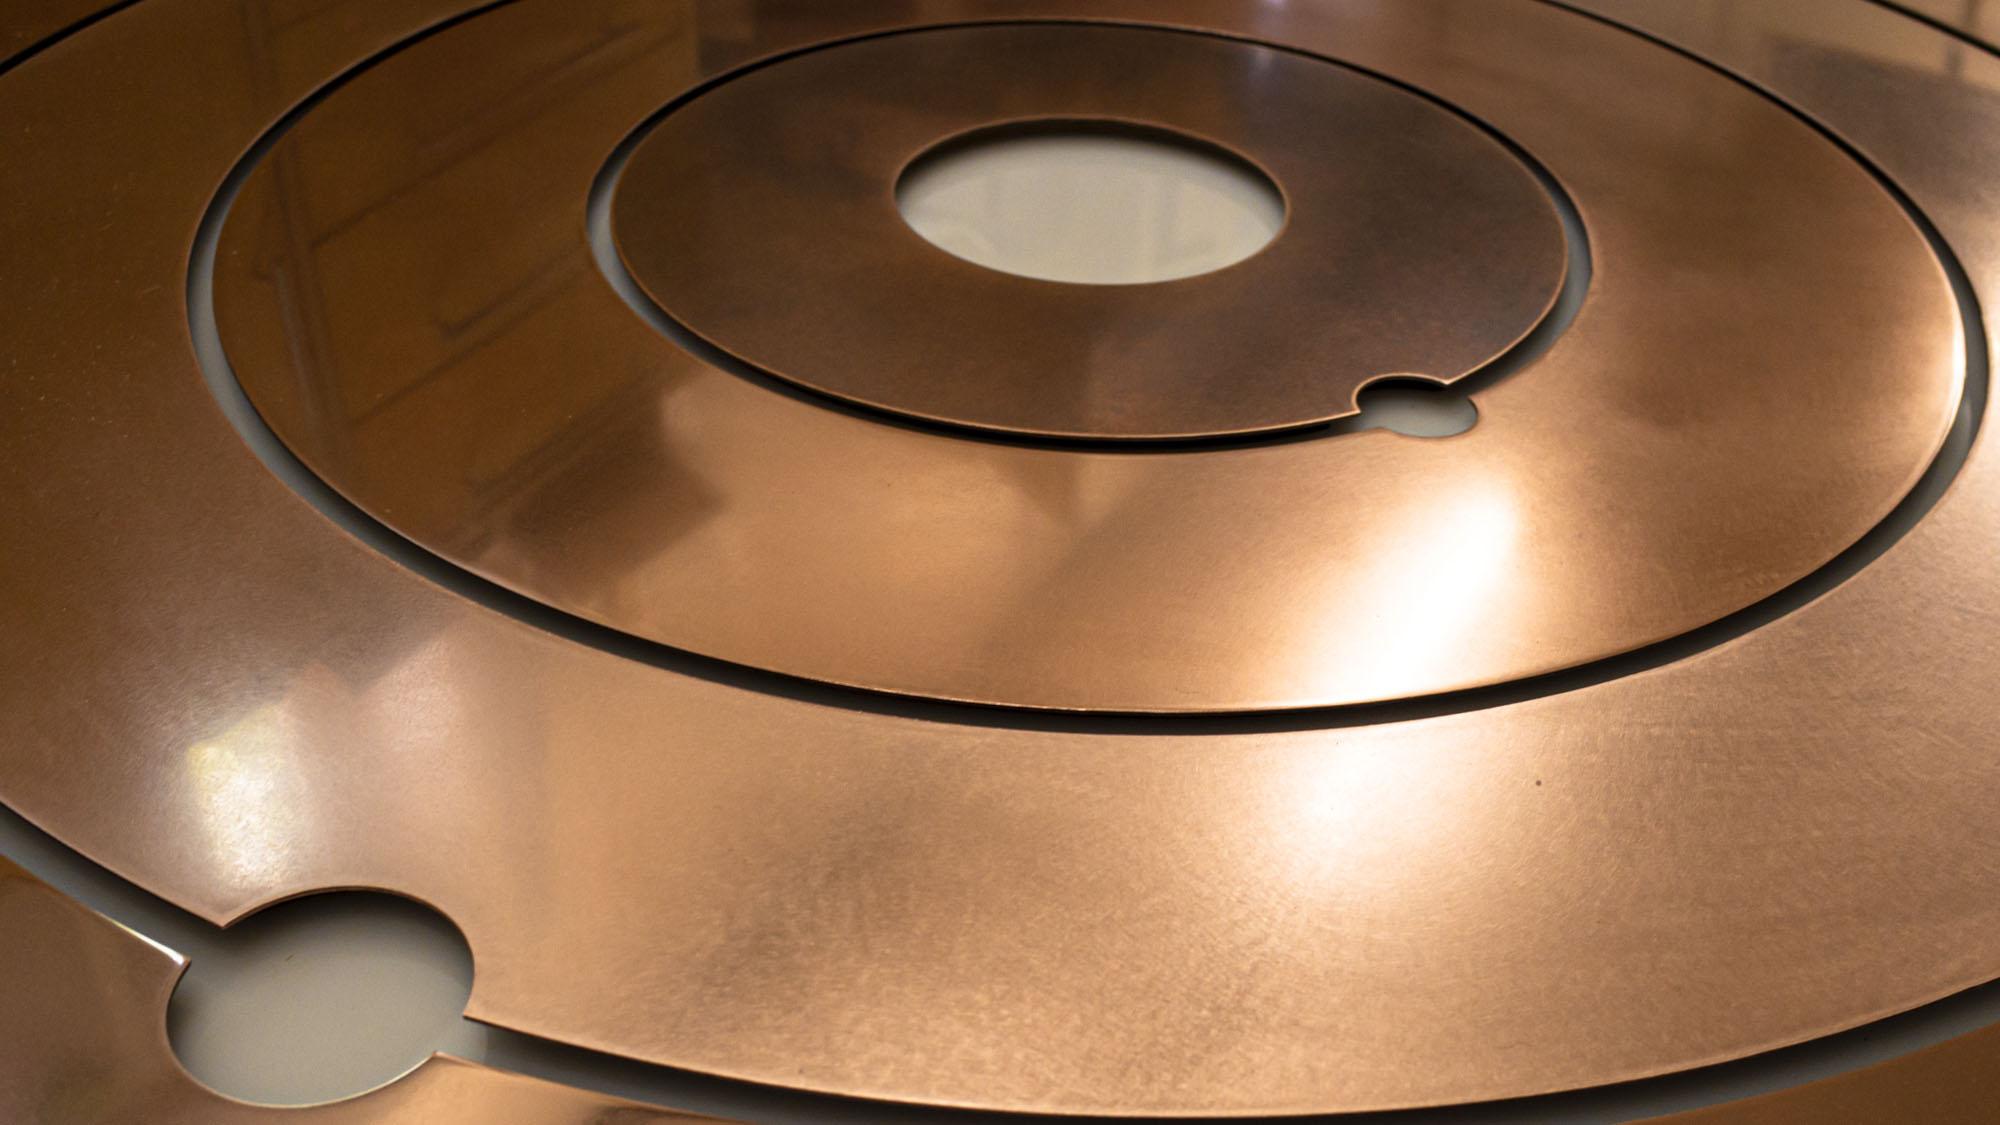 Lichtkunst_Philipp_Frank-Lichtkünstler-München-Lampe-Design-LED Art- LED Kunst _licht Kunst -Licht Künstler- Gallerie- Light art-new media art- led light art-lampe